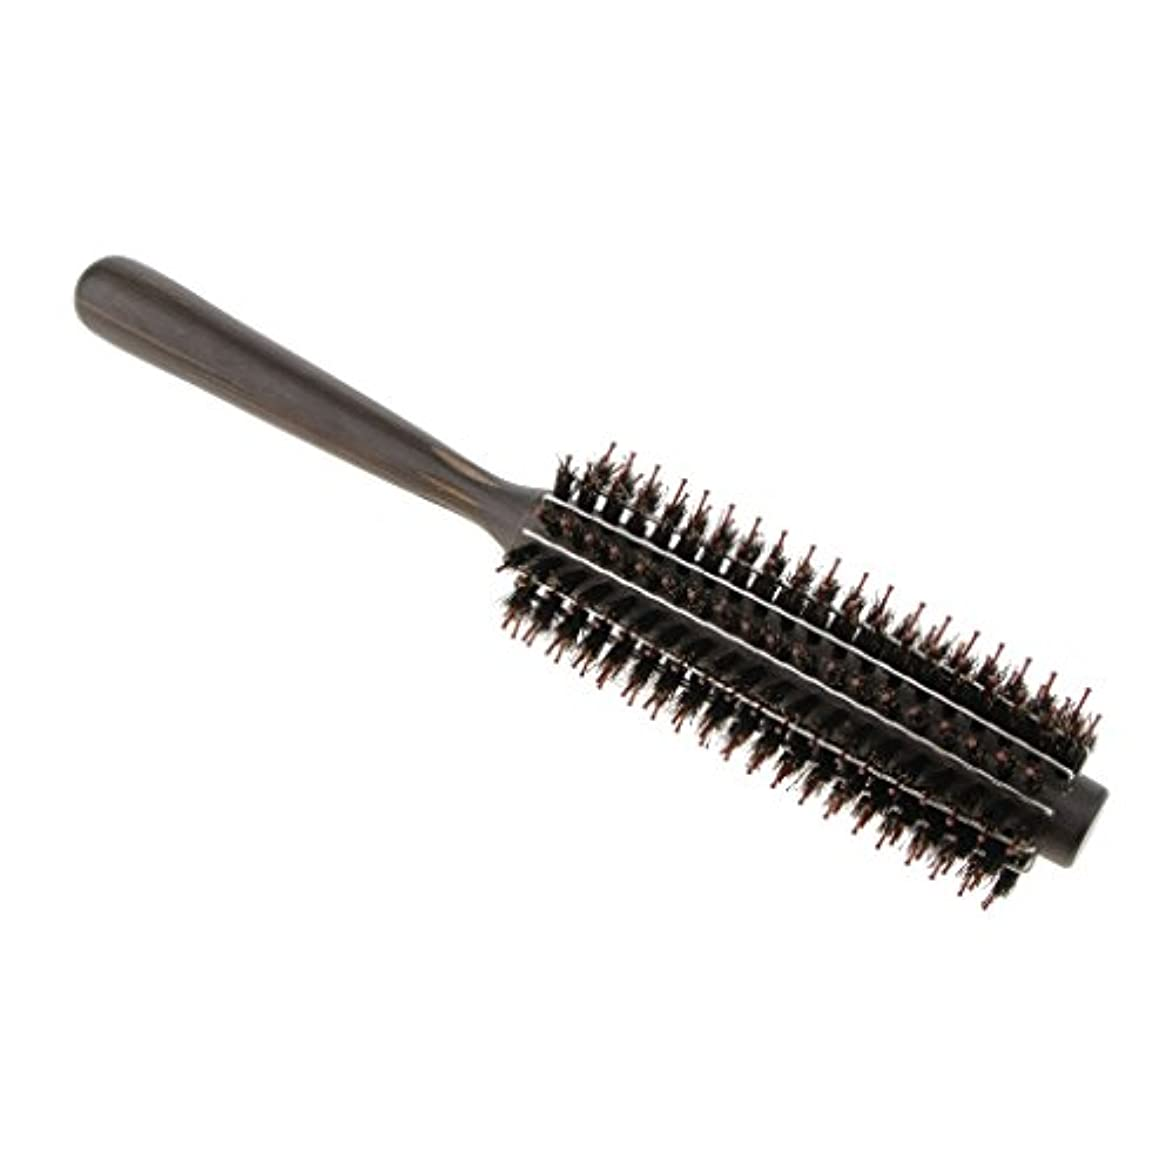 インターネット見つけた岸Perfk ロールブラシ ヘアブラシ カール 巻き髪  ヘアコーム 3サイズ選べる  - M